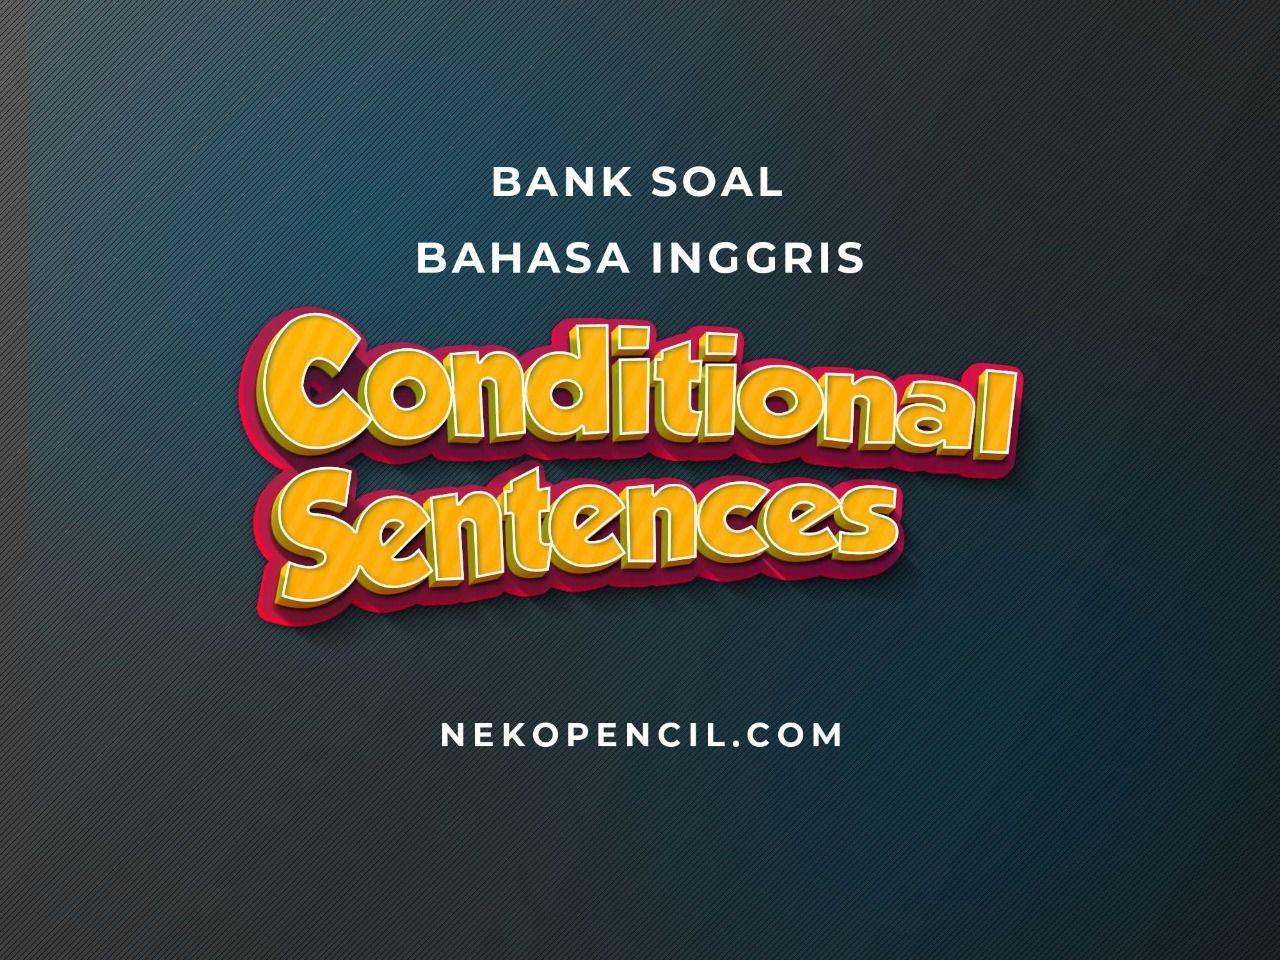 50 Soal Conditional Sentences Dan Kunci Jawaban Pendidikan Ungkapan Bahasa Inggris